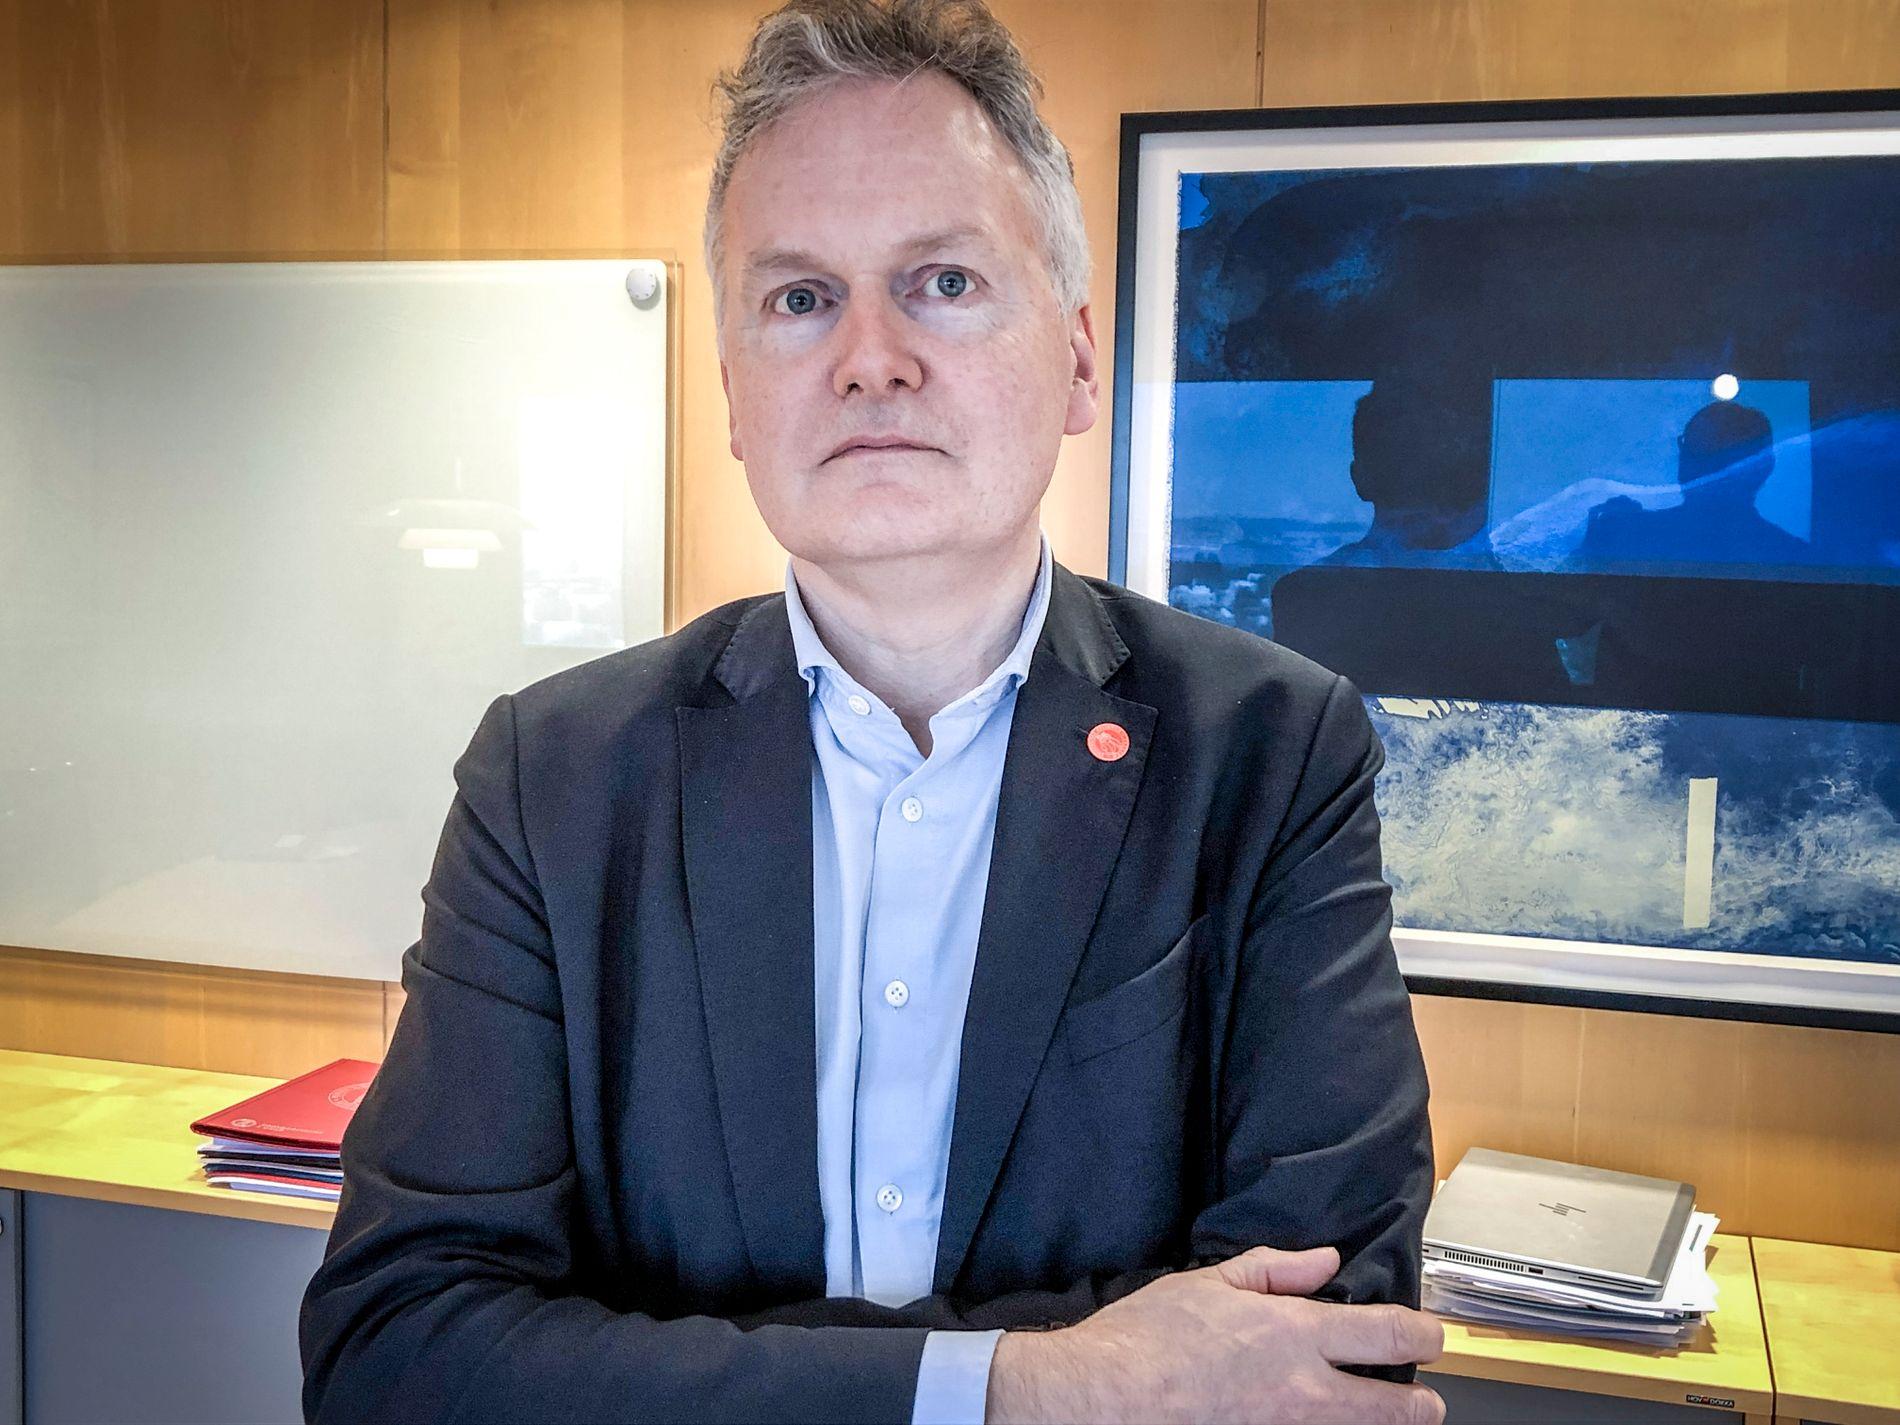 NY DIREKTØR: Arne Benjaminsen er direktør for Universitetet i Oslo. Han inntok sitt kontor for to uker siden – og kom fra lederjobb i Nærings- og fiskeridepartementet.